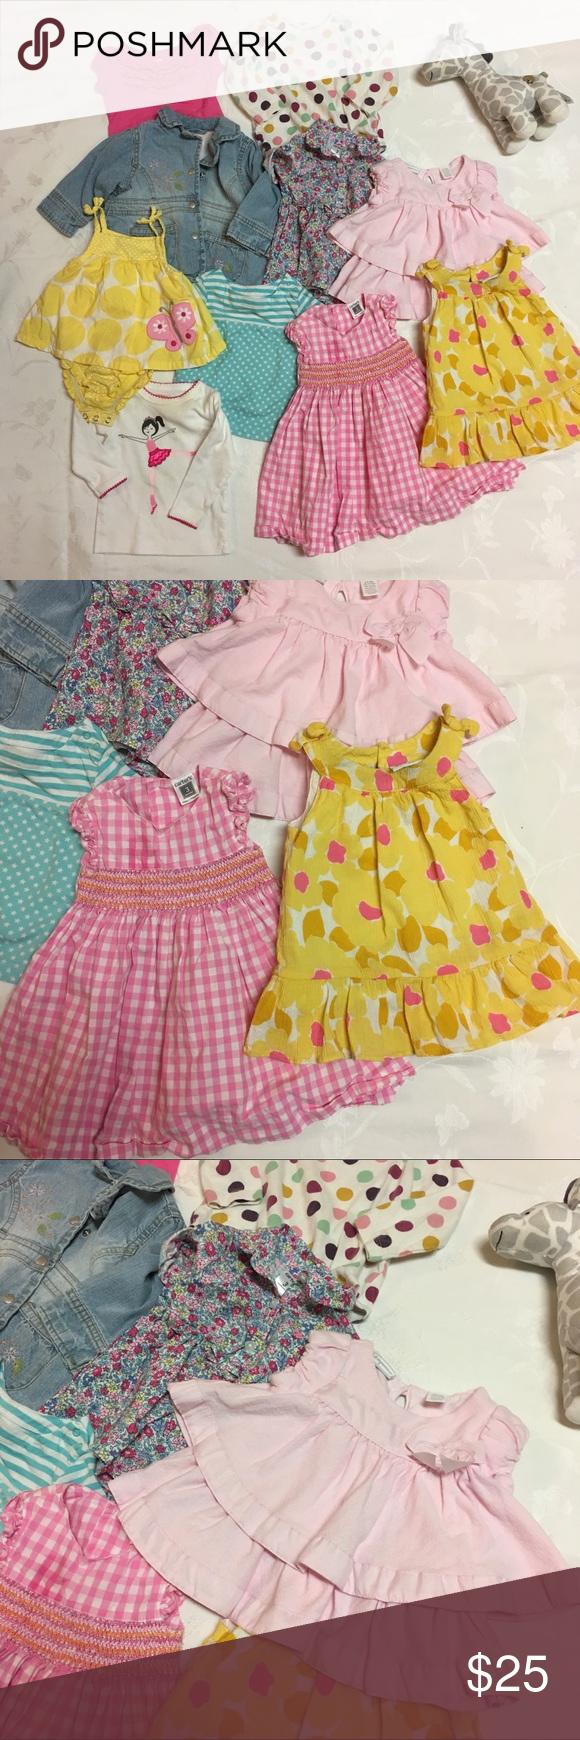 Yellow dress 3-6 months  Baby Girl Lot  Jacket Shirts u Dresses  Month  My Posh Closet